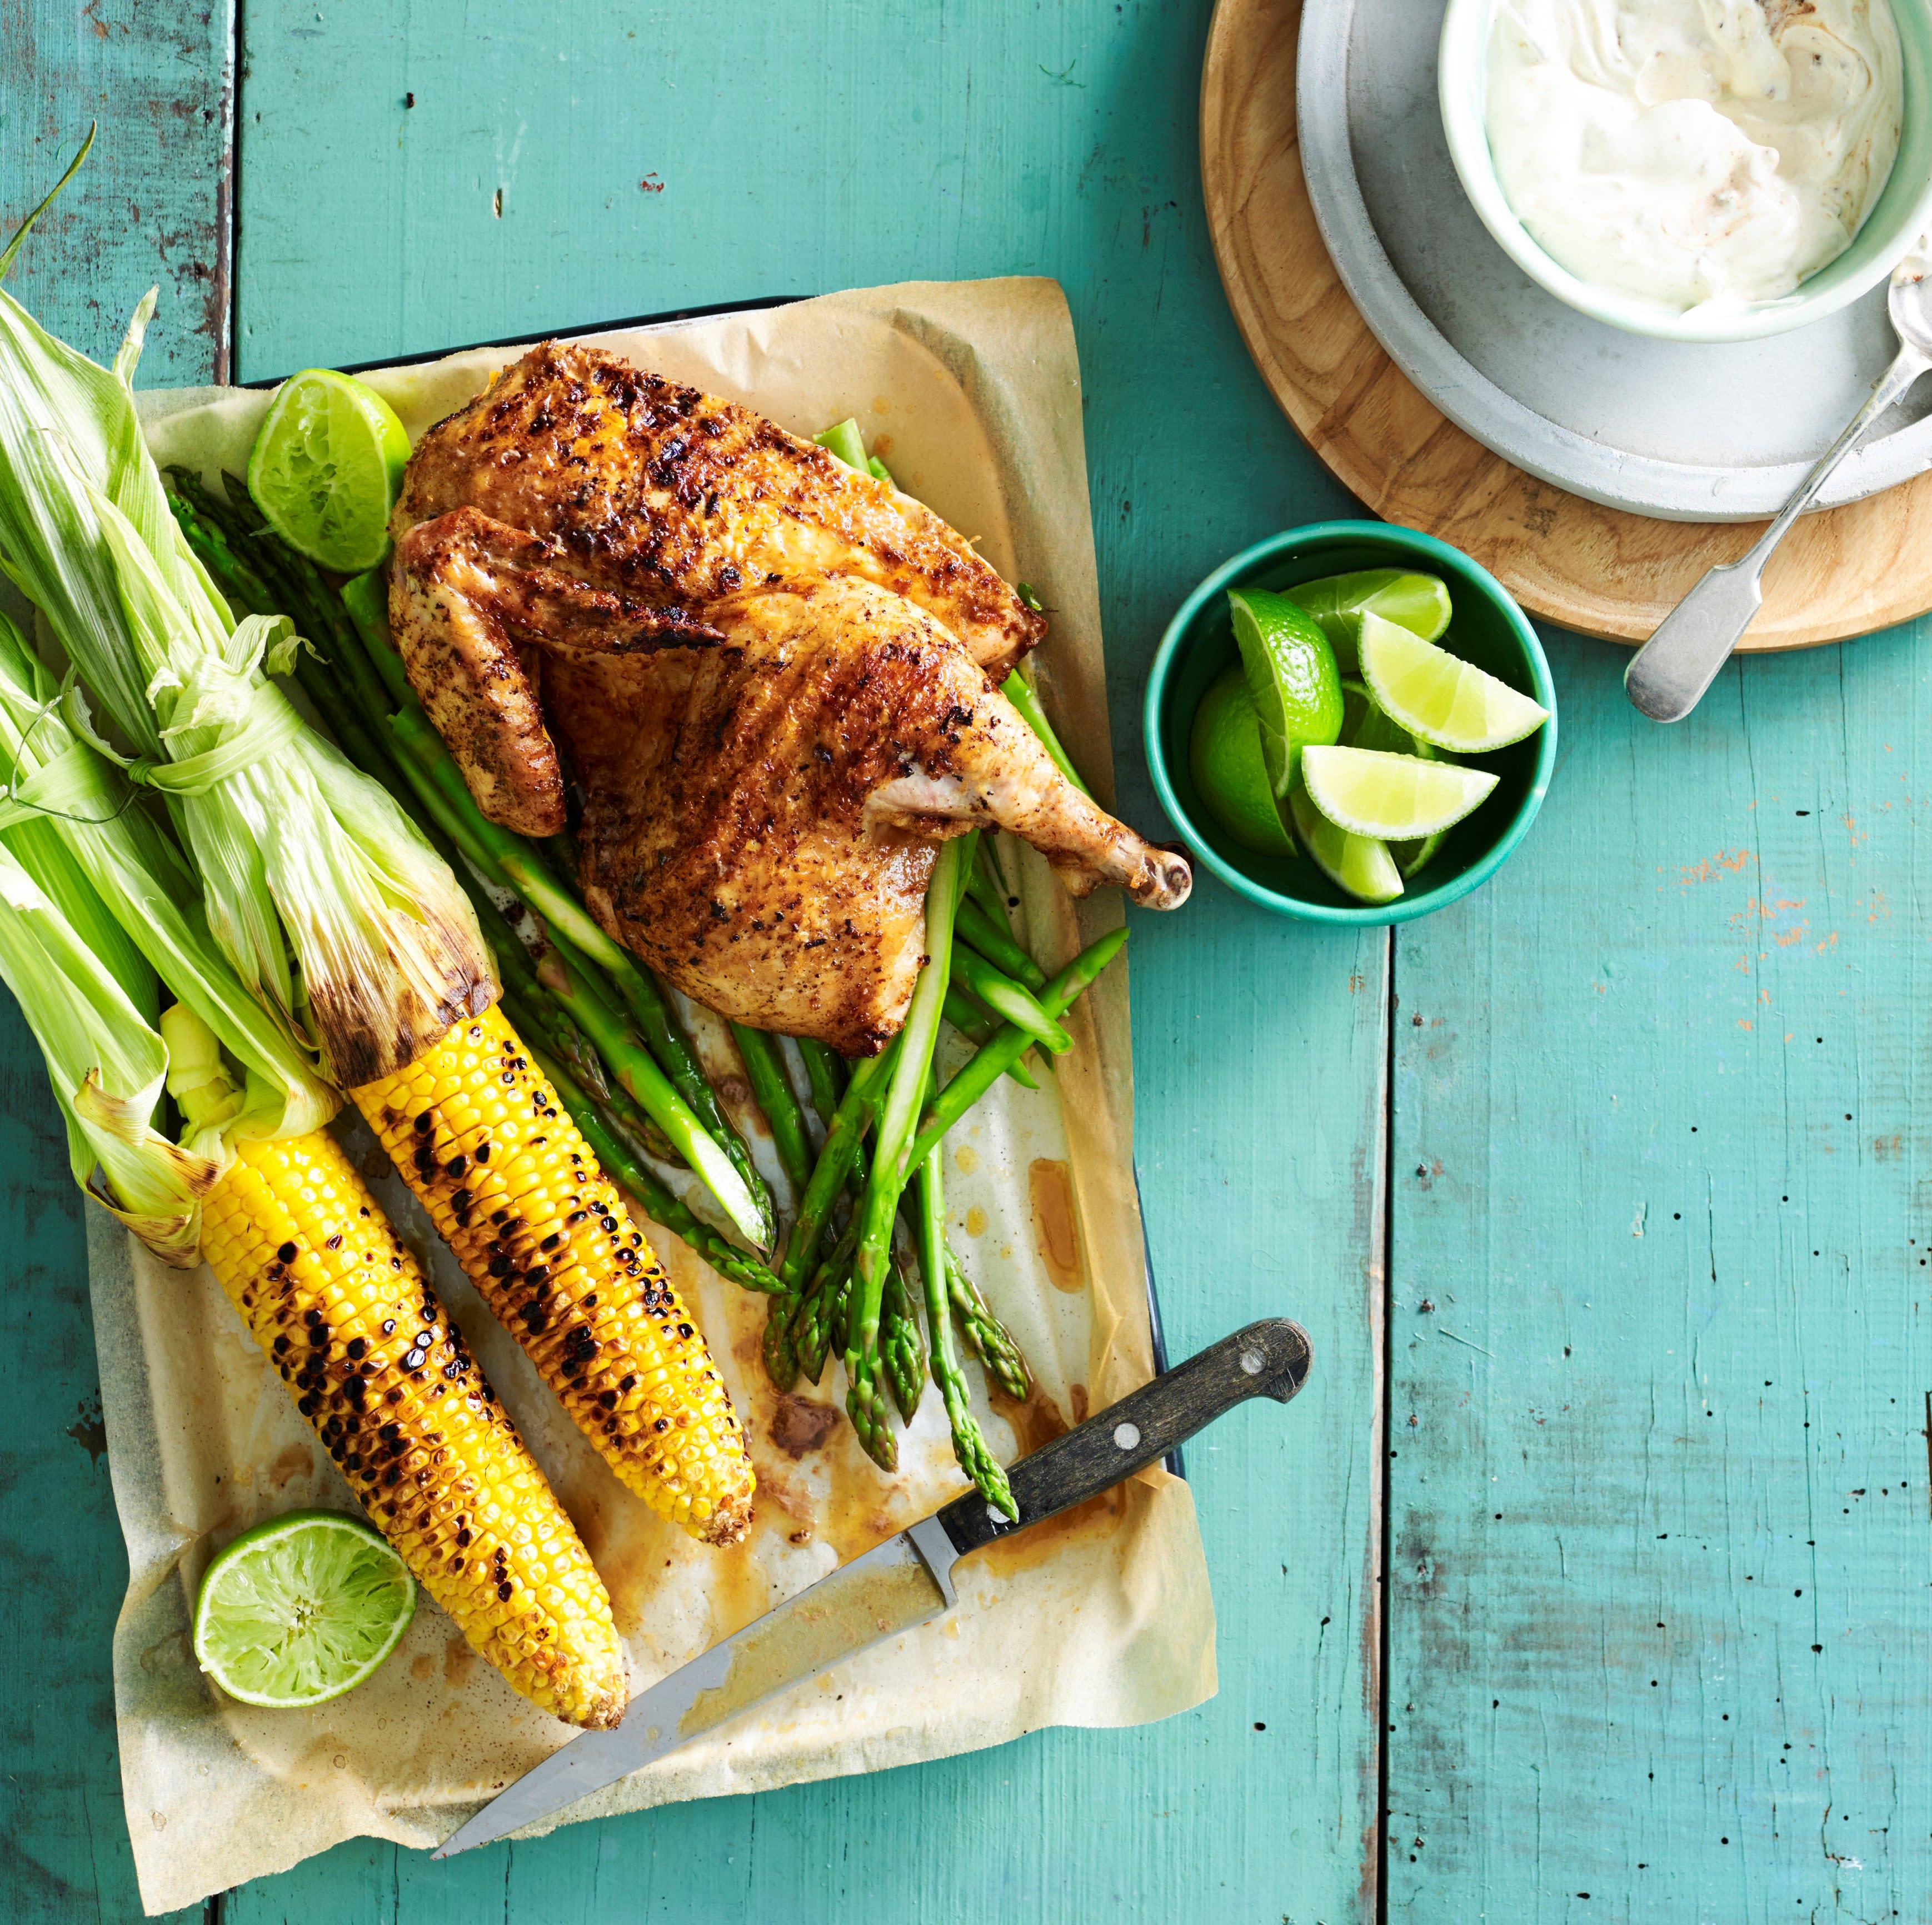 Foto van Gerookte kip van de barbecue met gegrilde maïs & yoghurtdressing door WW